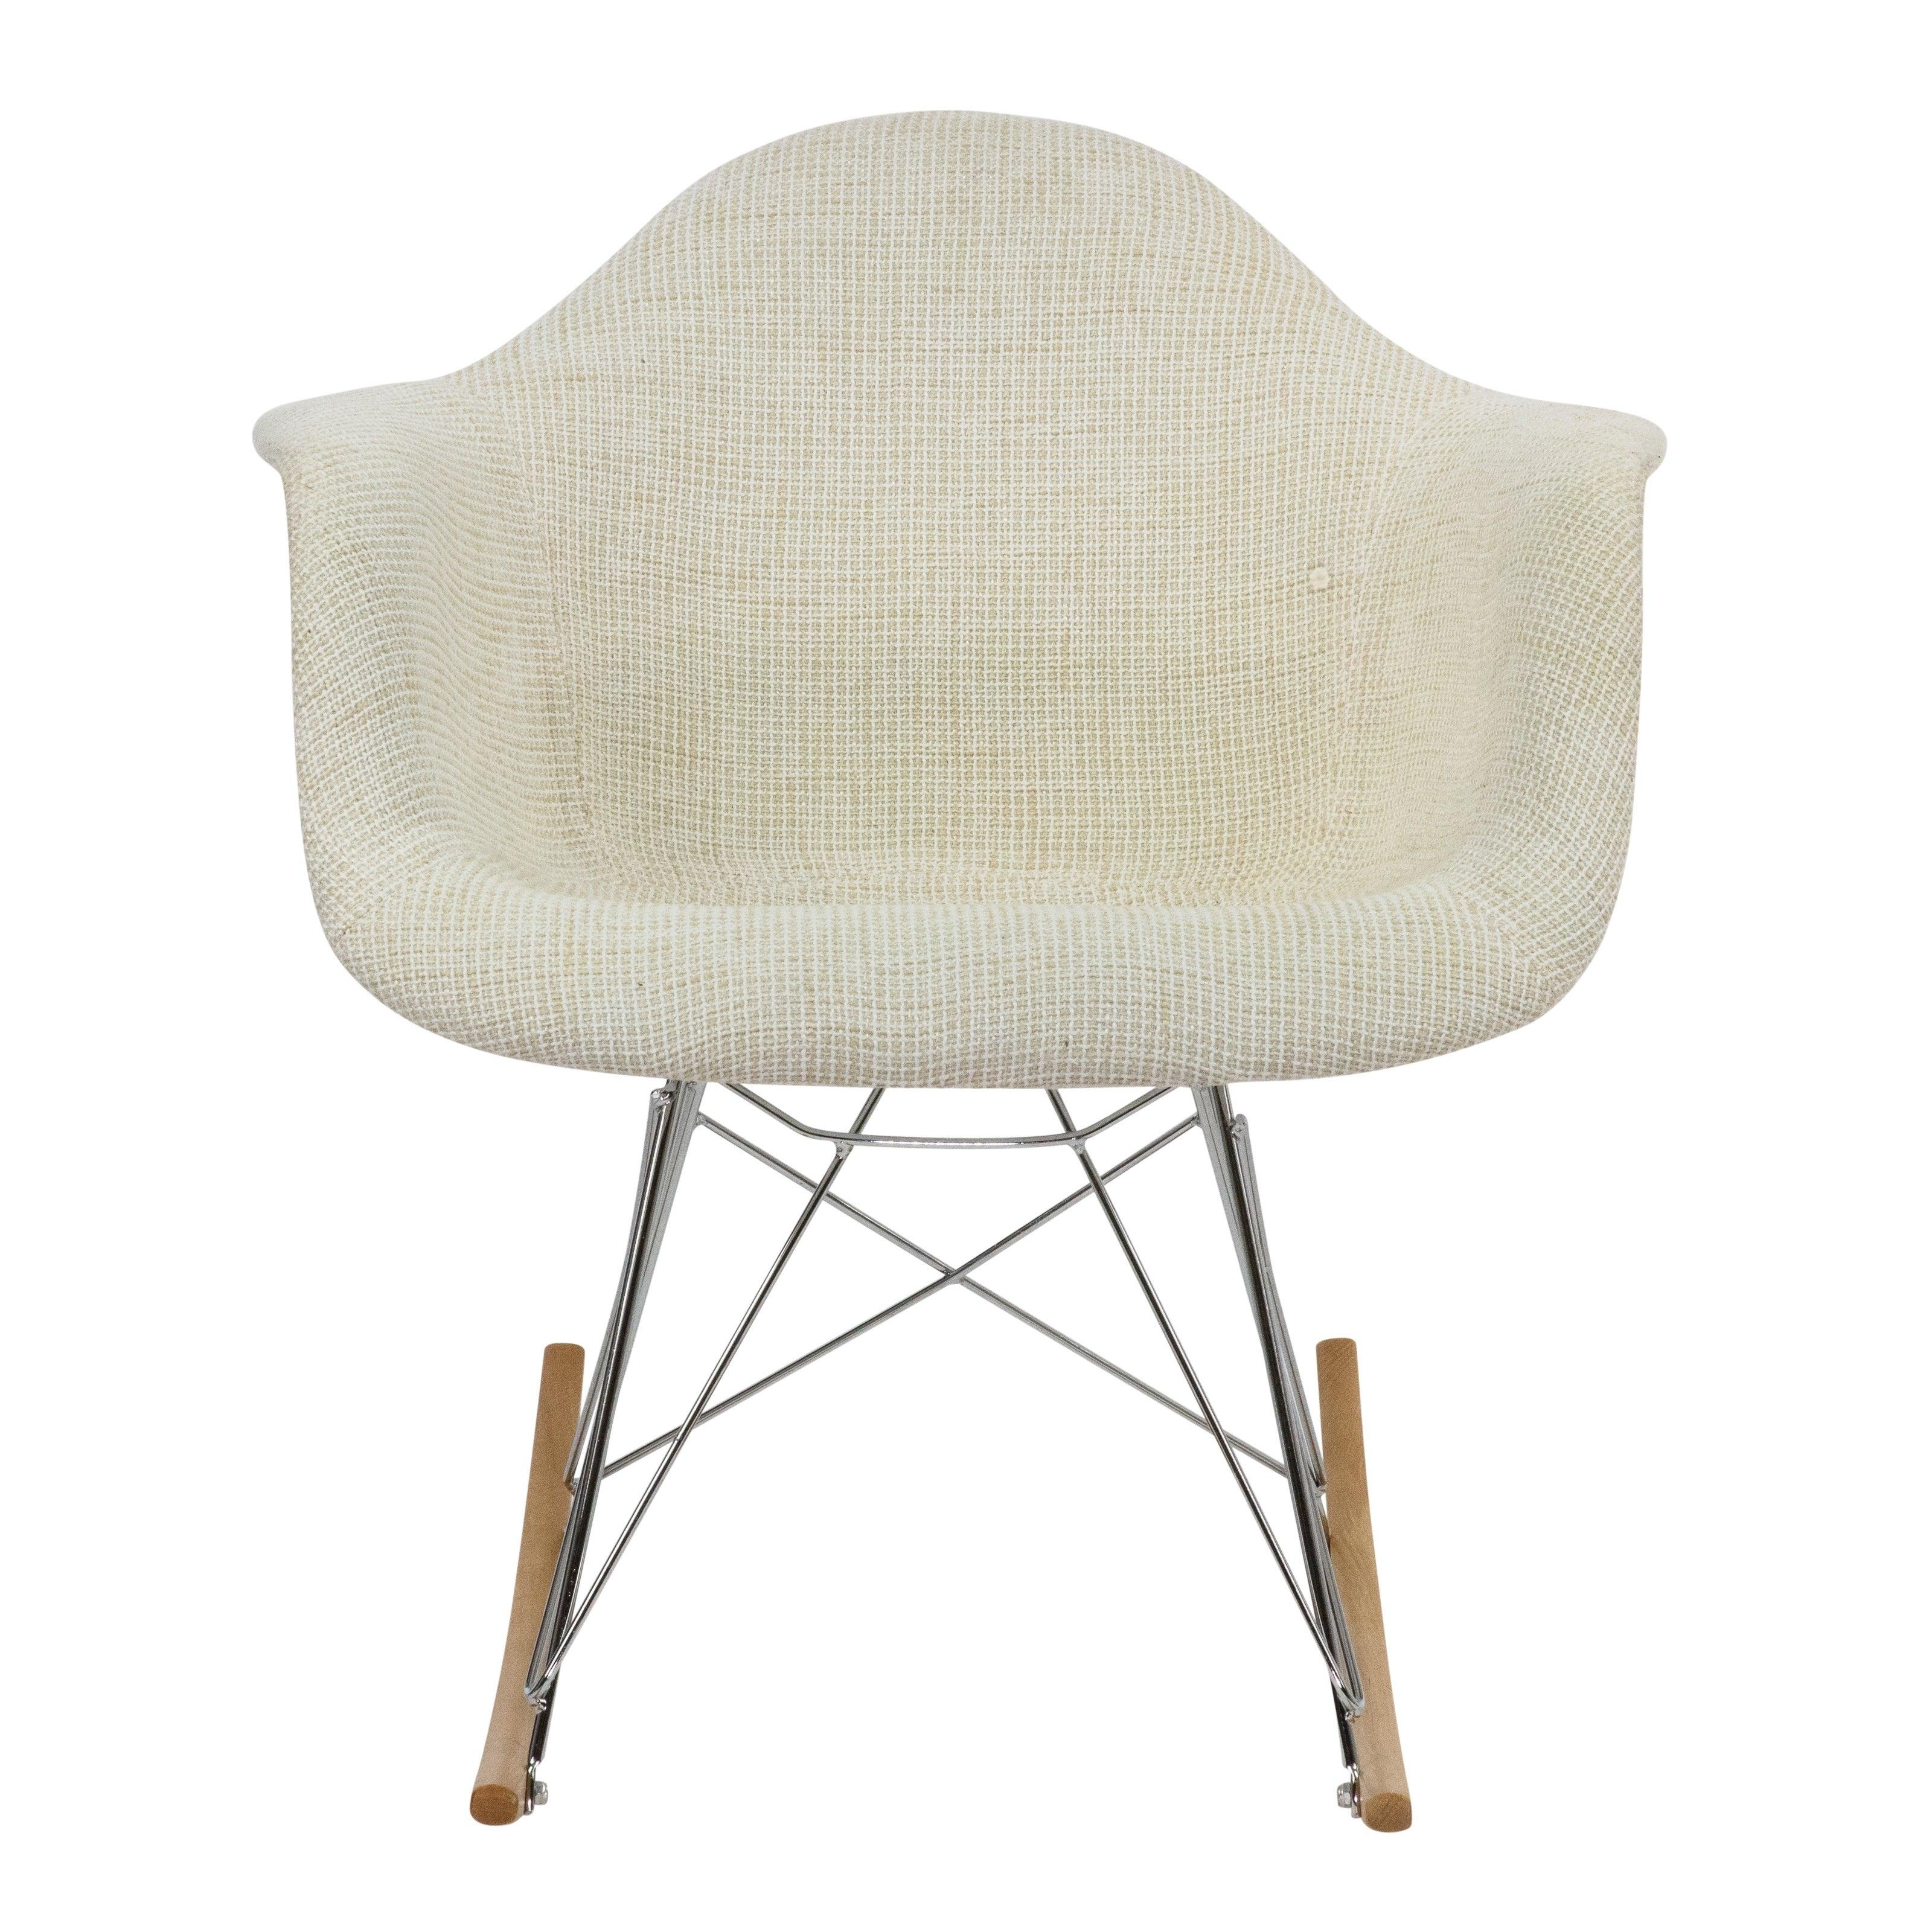 Leisuremod Wilson Twill Fabric Beige Rocking Chair W/ Eiffel Legs Intended For Twill Fabric Beige Rocking Chairs With Eiffel Legs (#6 of 20)